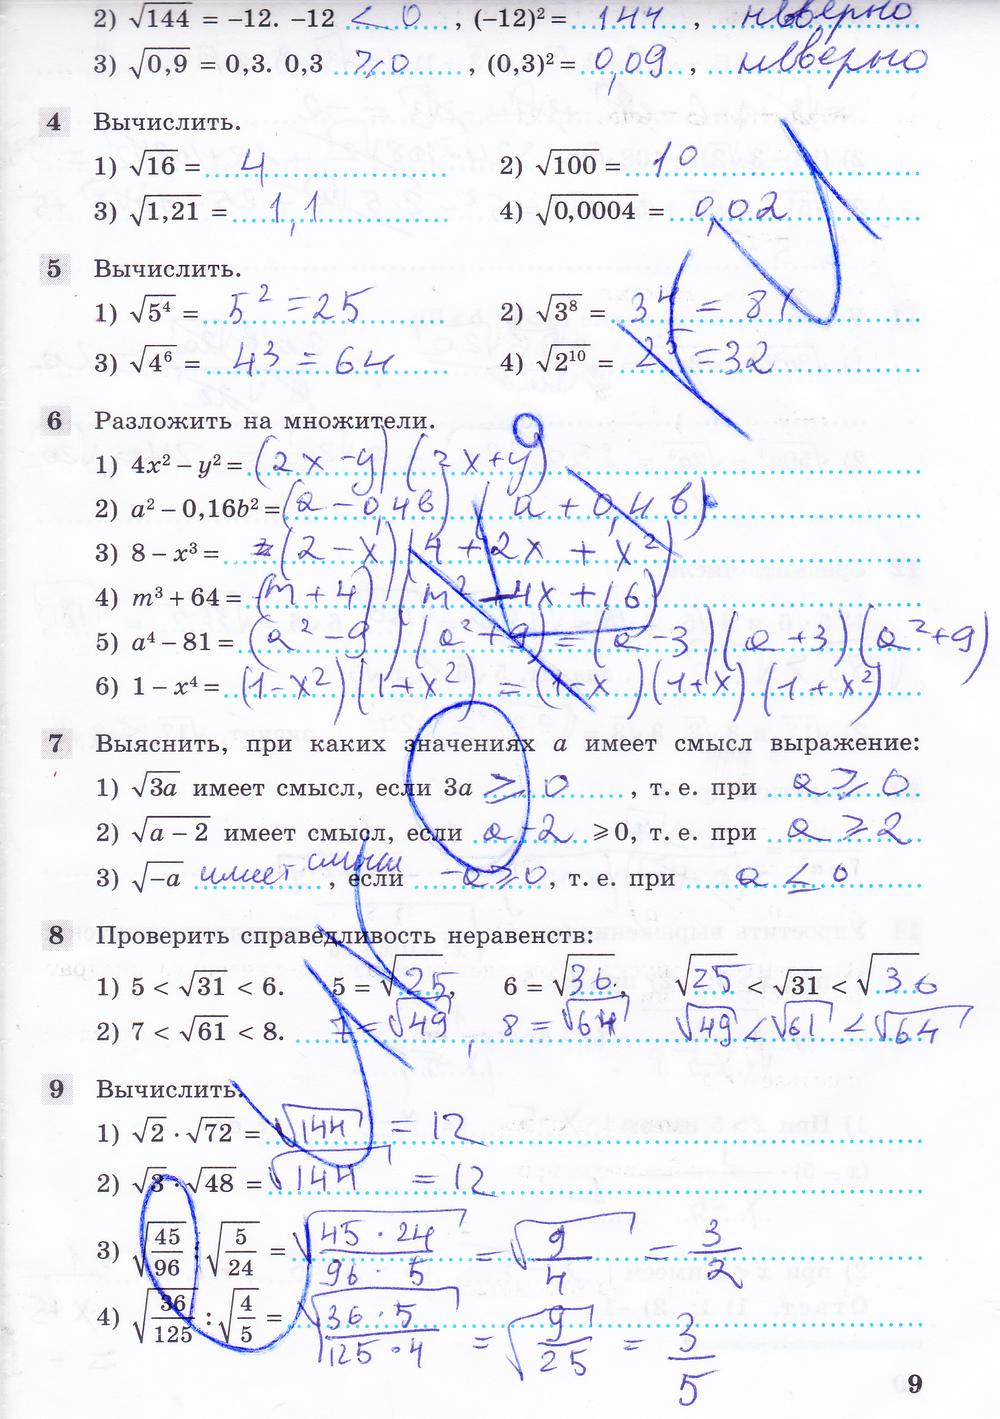 гдз по алгебре 9 класс колягин федорова